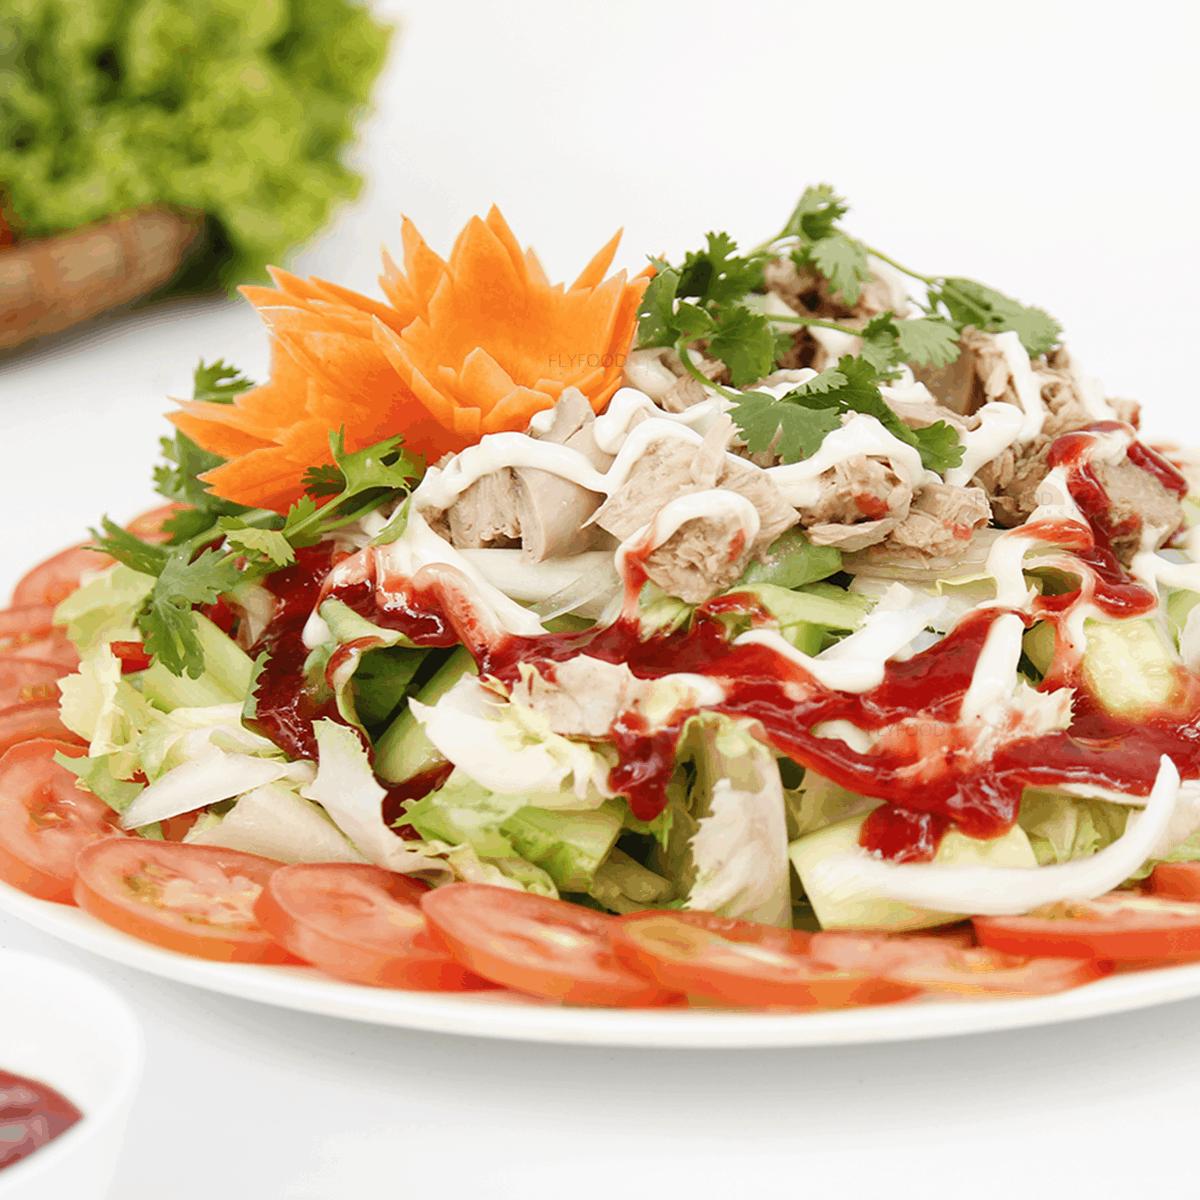 Salad cá ngừ nồi chiên không dầu